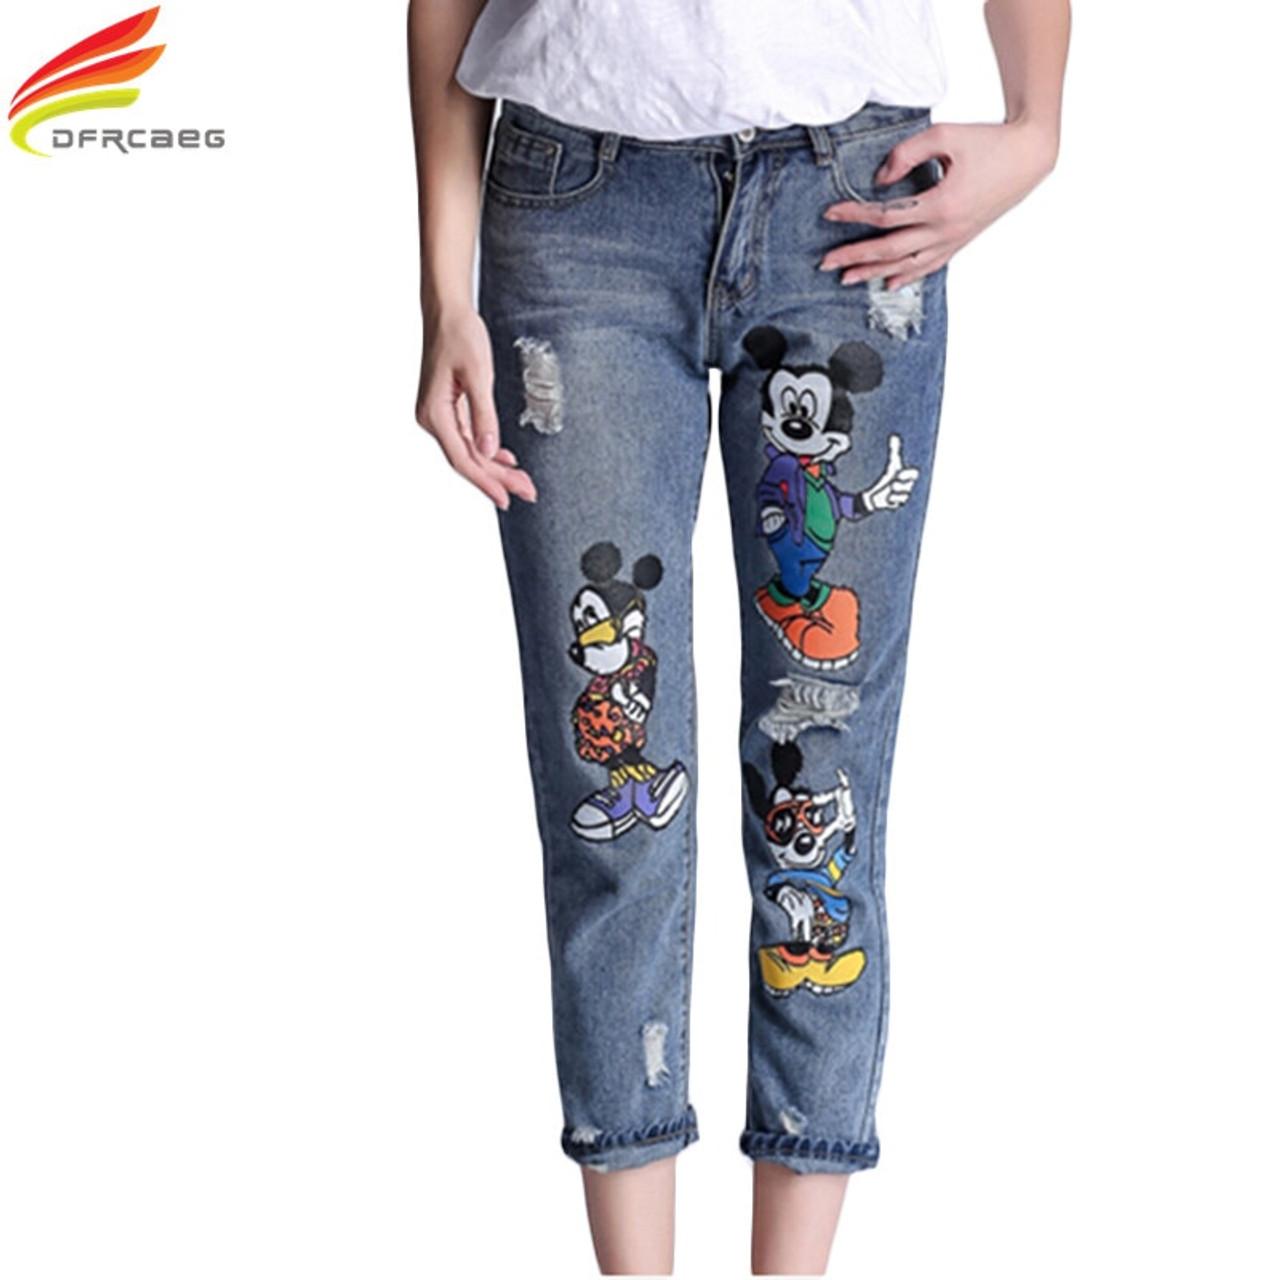 5xl 2018 Fashion High Waist Pencil Boyfriend Jeans Femme Print Cartoon Jeans Woman Denim Pants Plus Size Ripped Jeans For Women Onshopdeals Com